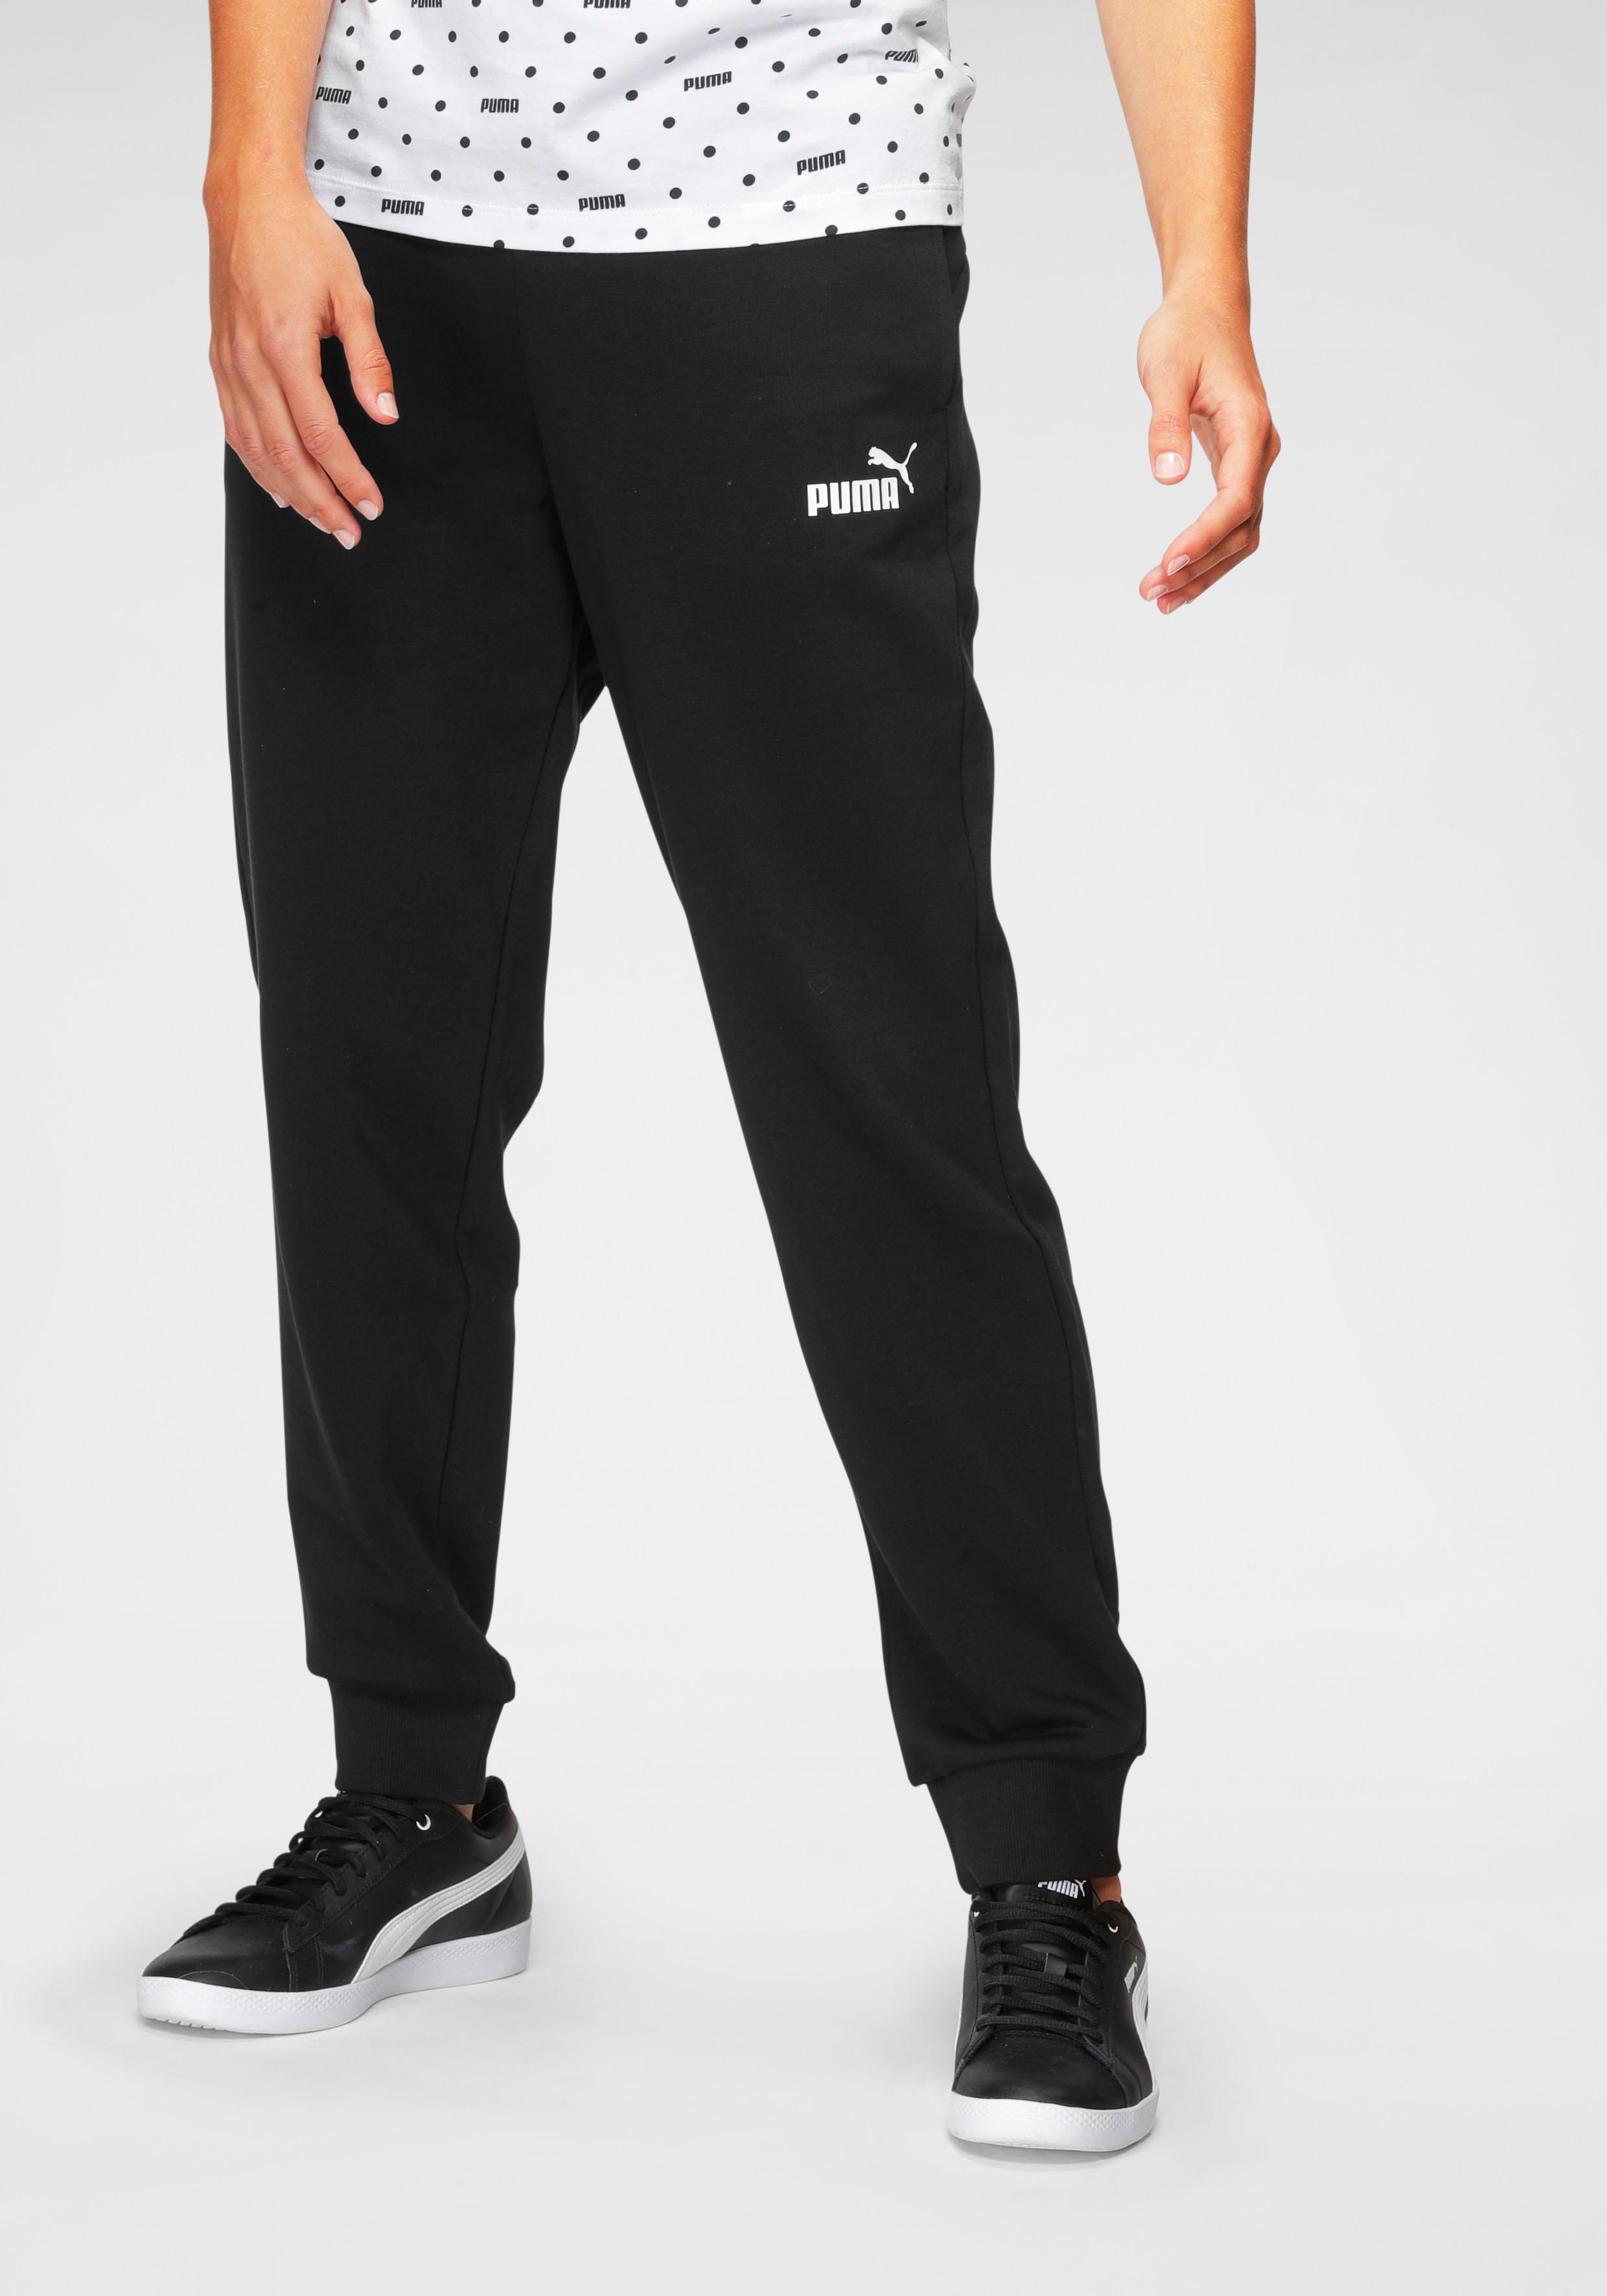 puma -  Jogginghose Amplified Pants TR